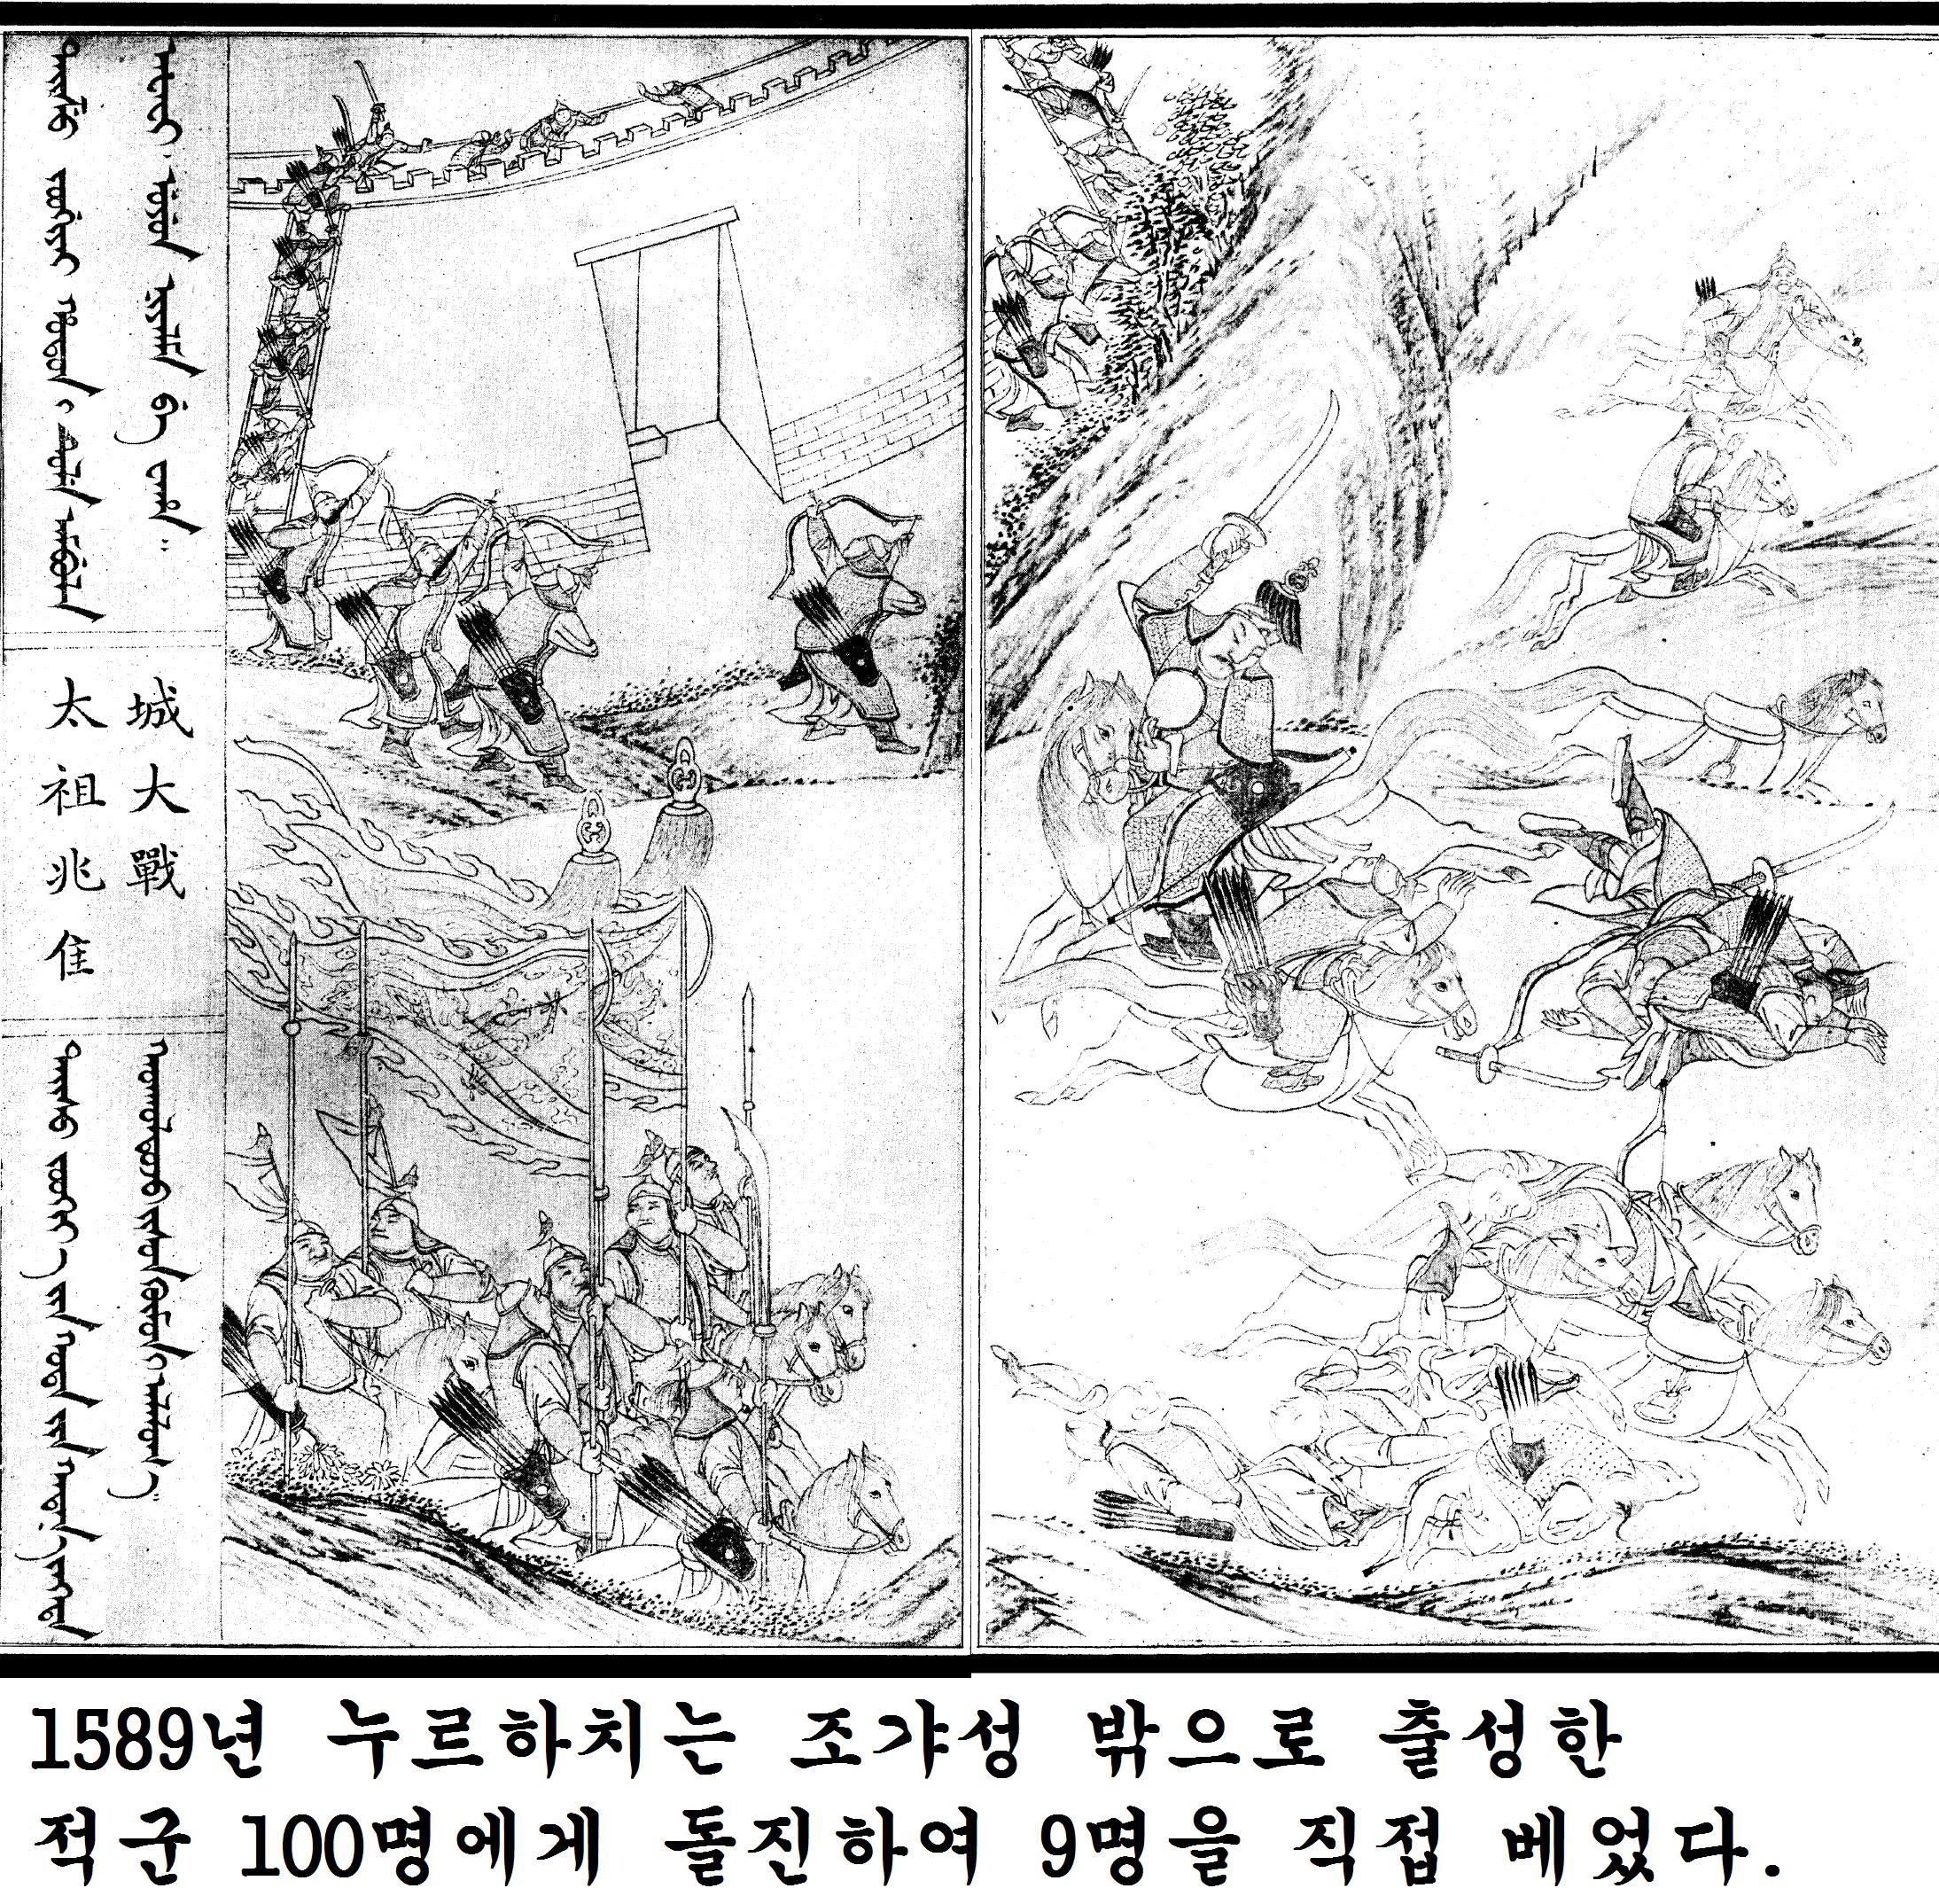 태조무황제 노아합기 국역 42부-태조도 통제 못하는..